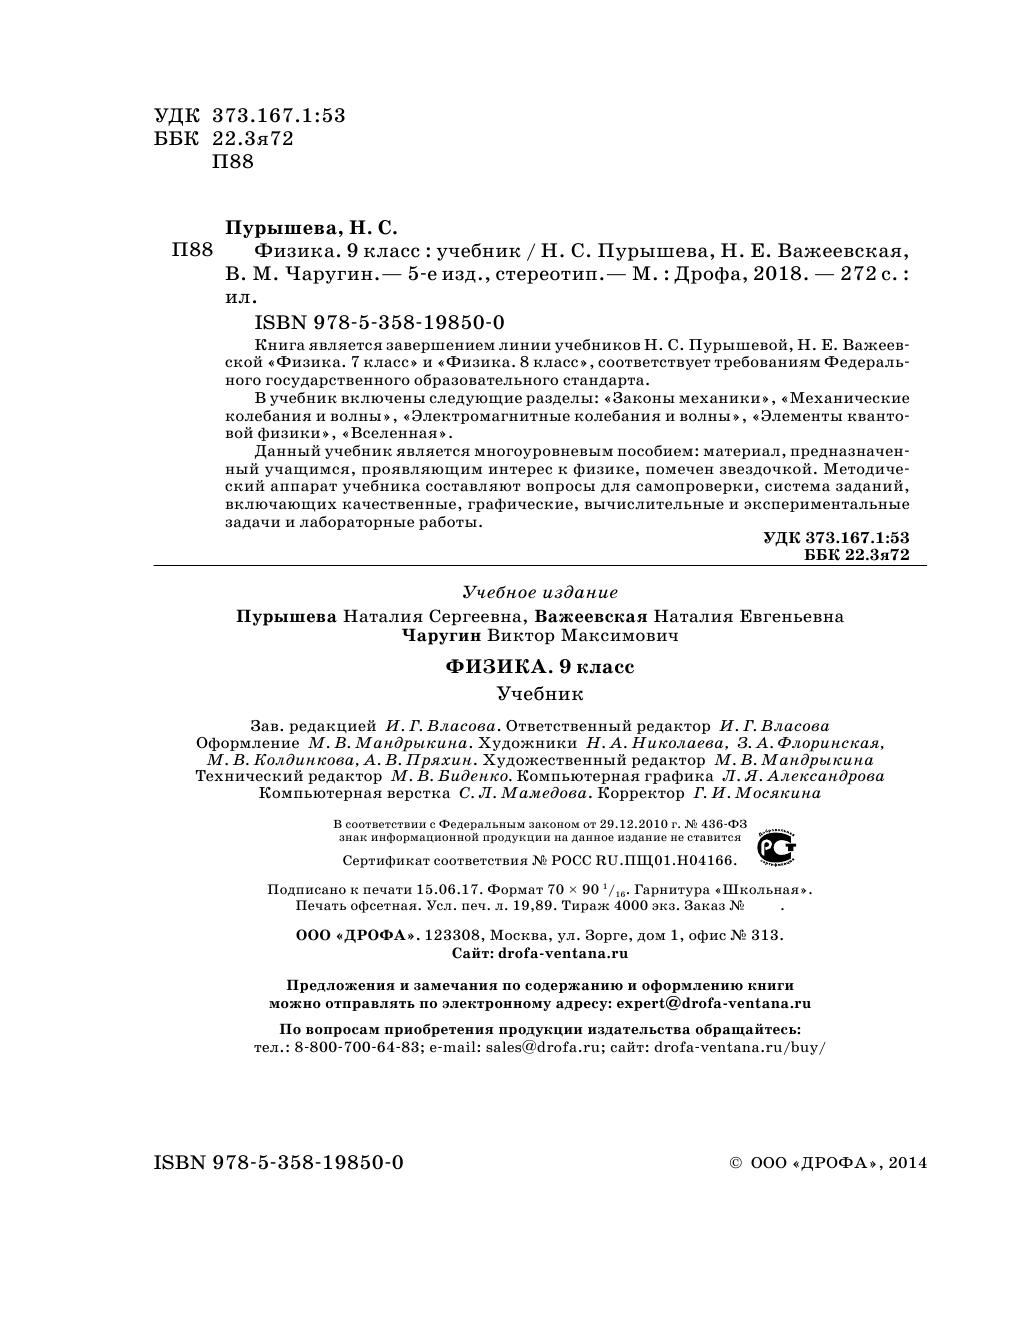 Жданов физика скачать pdf